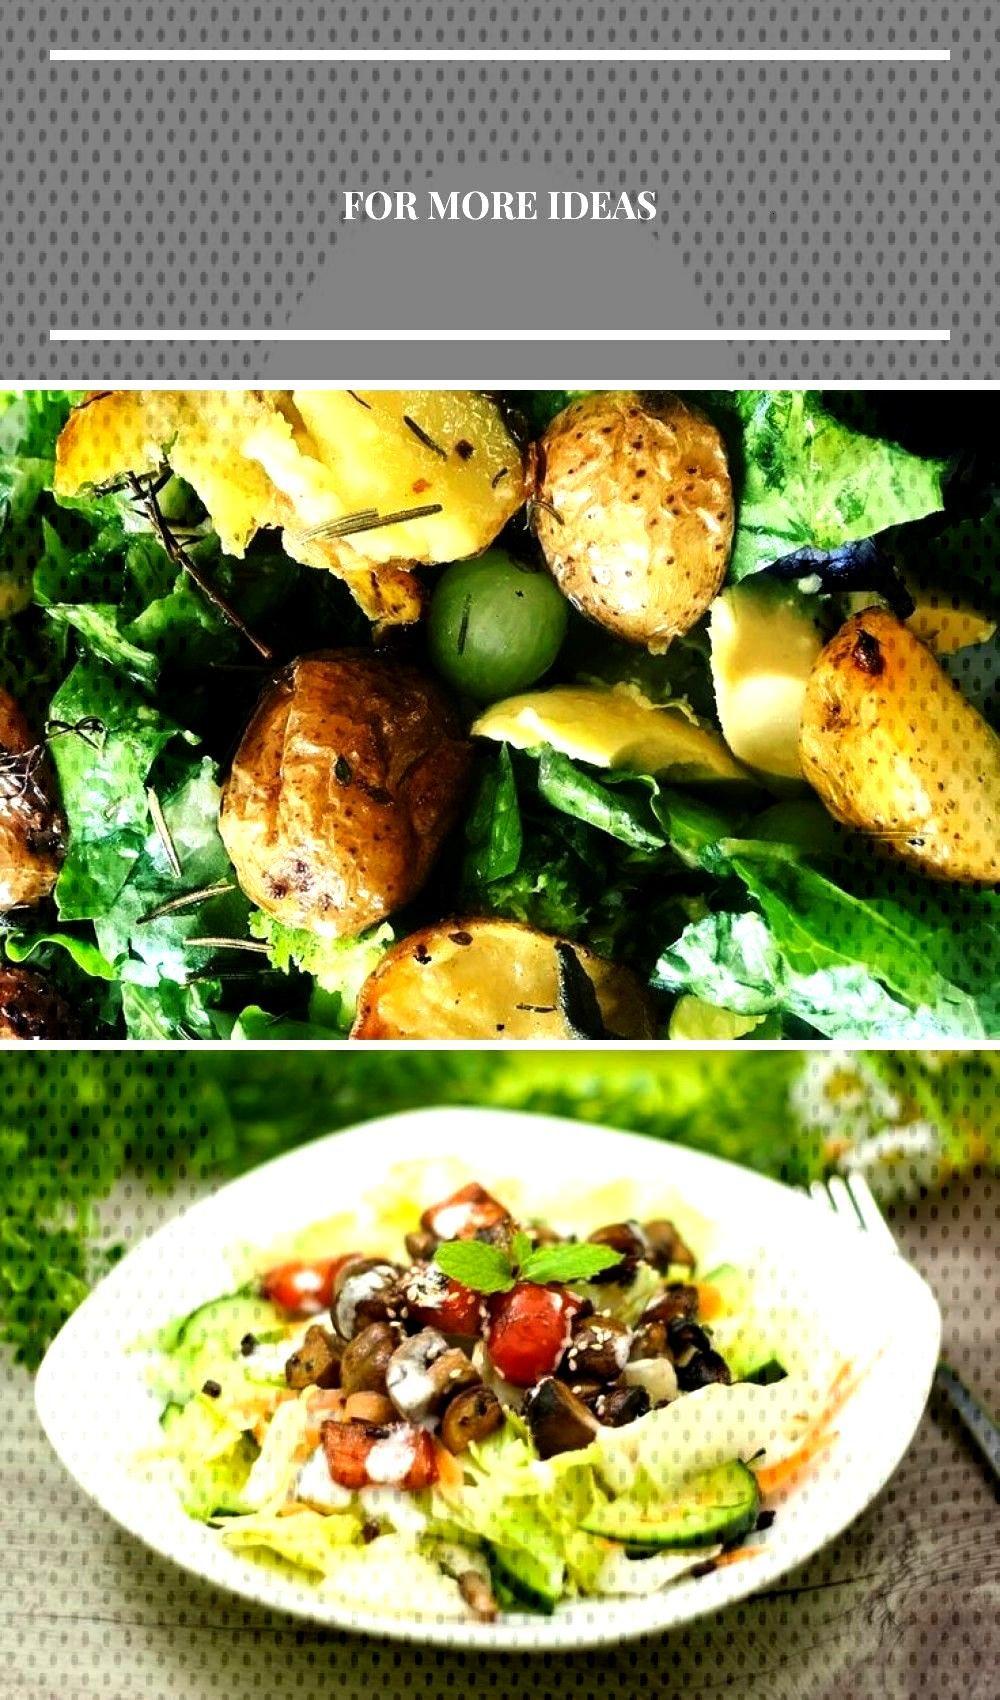 Sehr leckerer gemischter Salat mit Brocoli, Avocado, Trauben und Rosmarin und Thymian ... Sehr leck